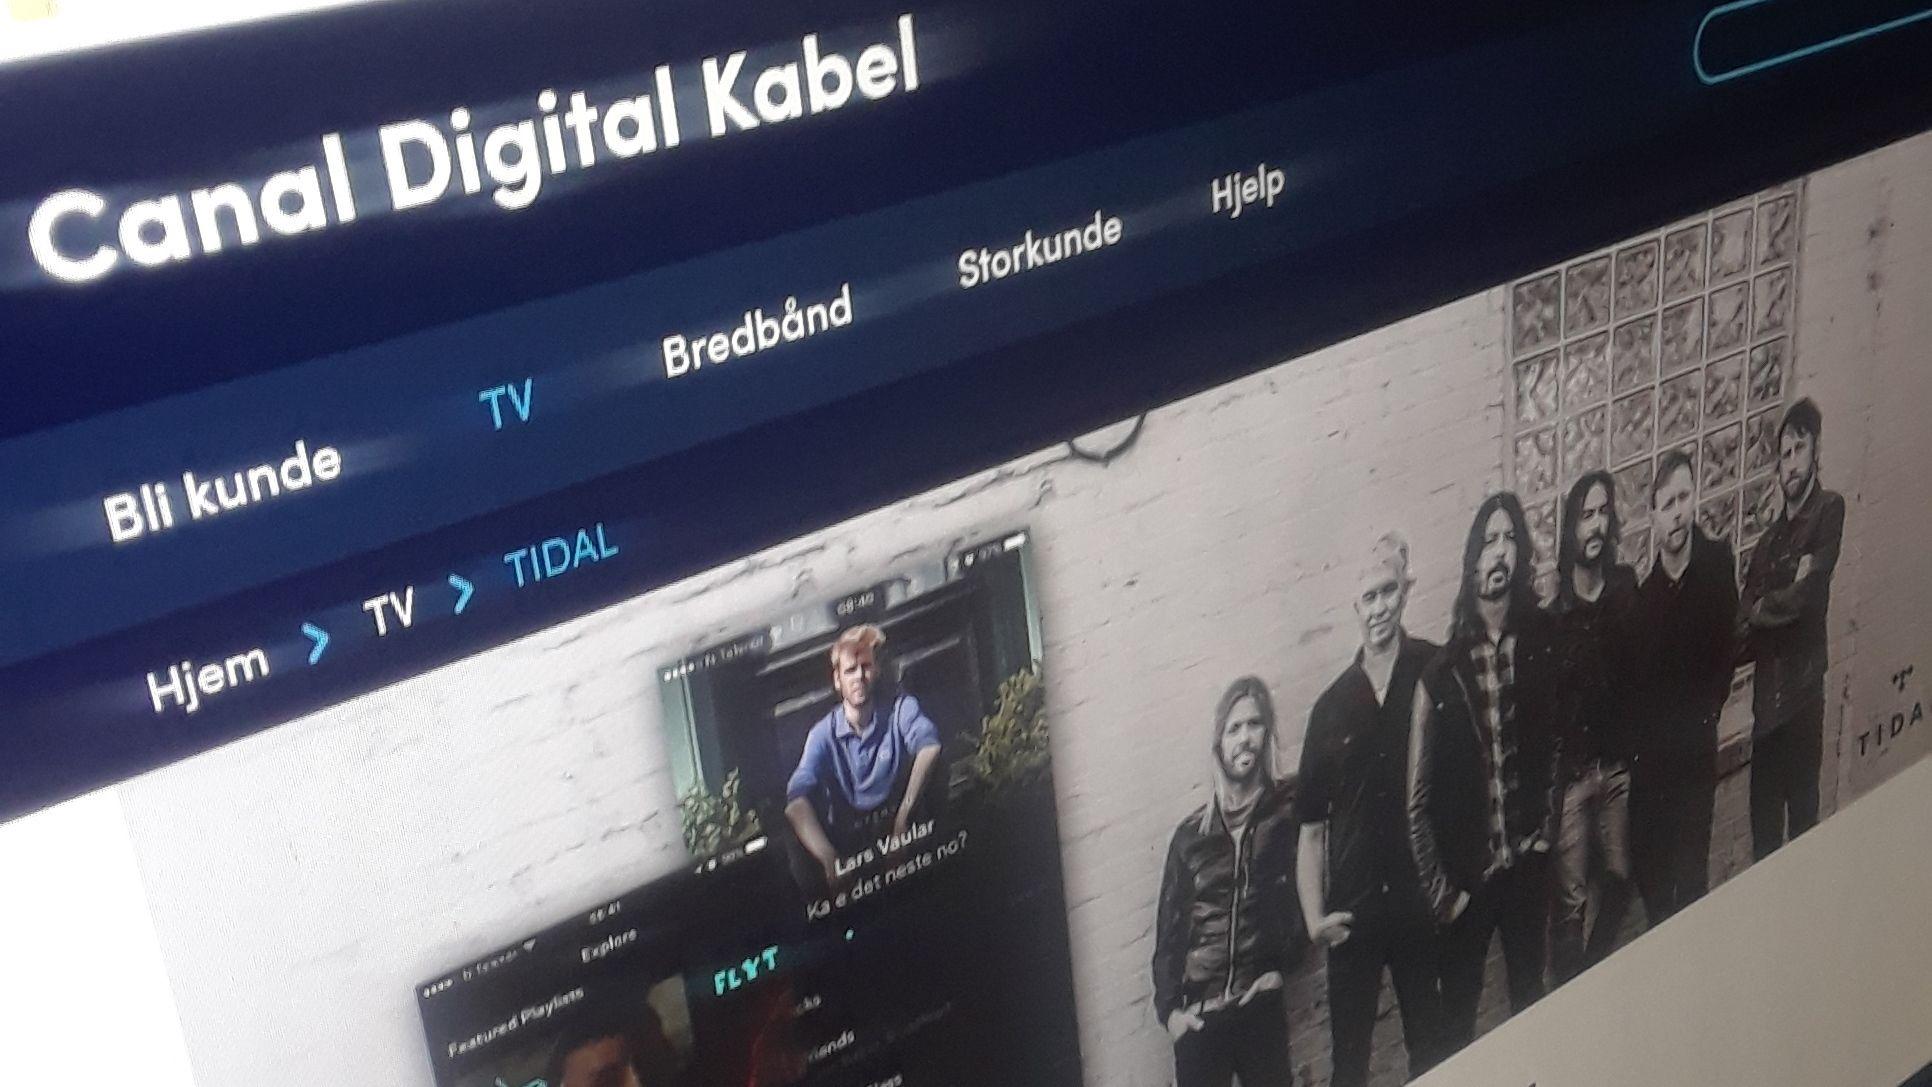 Nå får du ikke lenger tilgang til Tidal gjennom Canal Digital